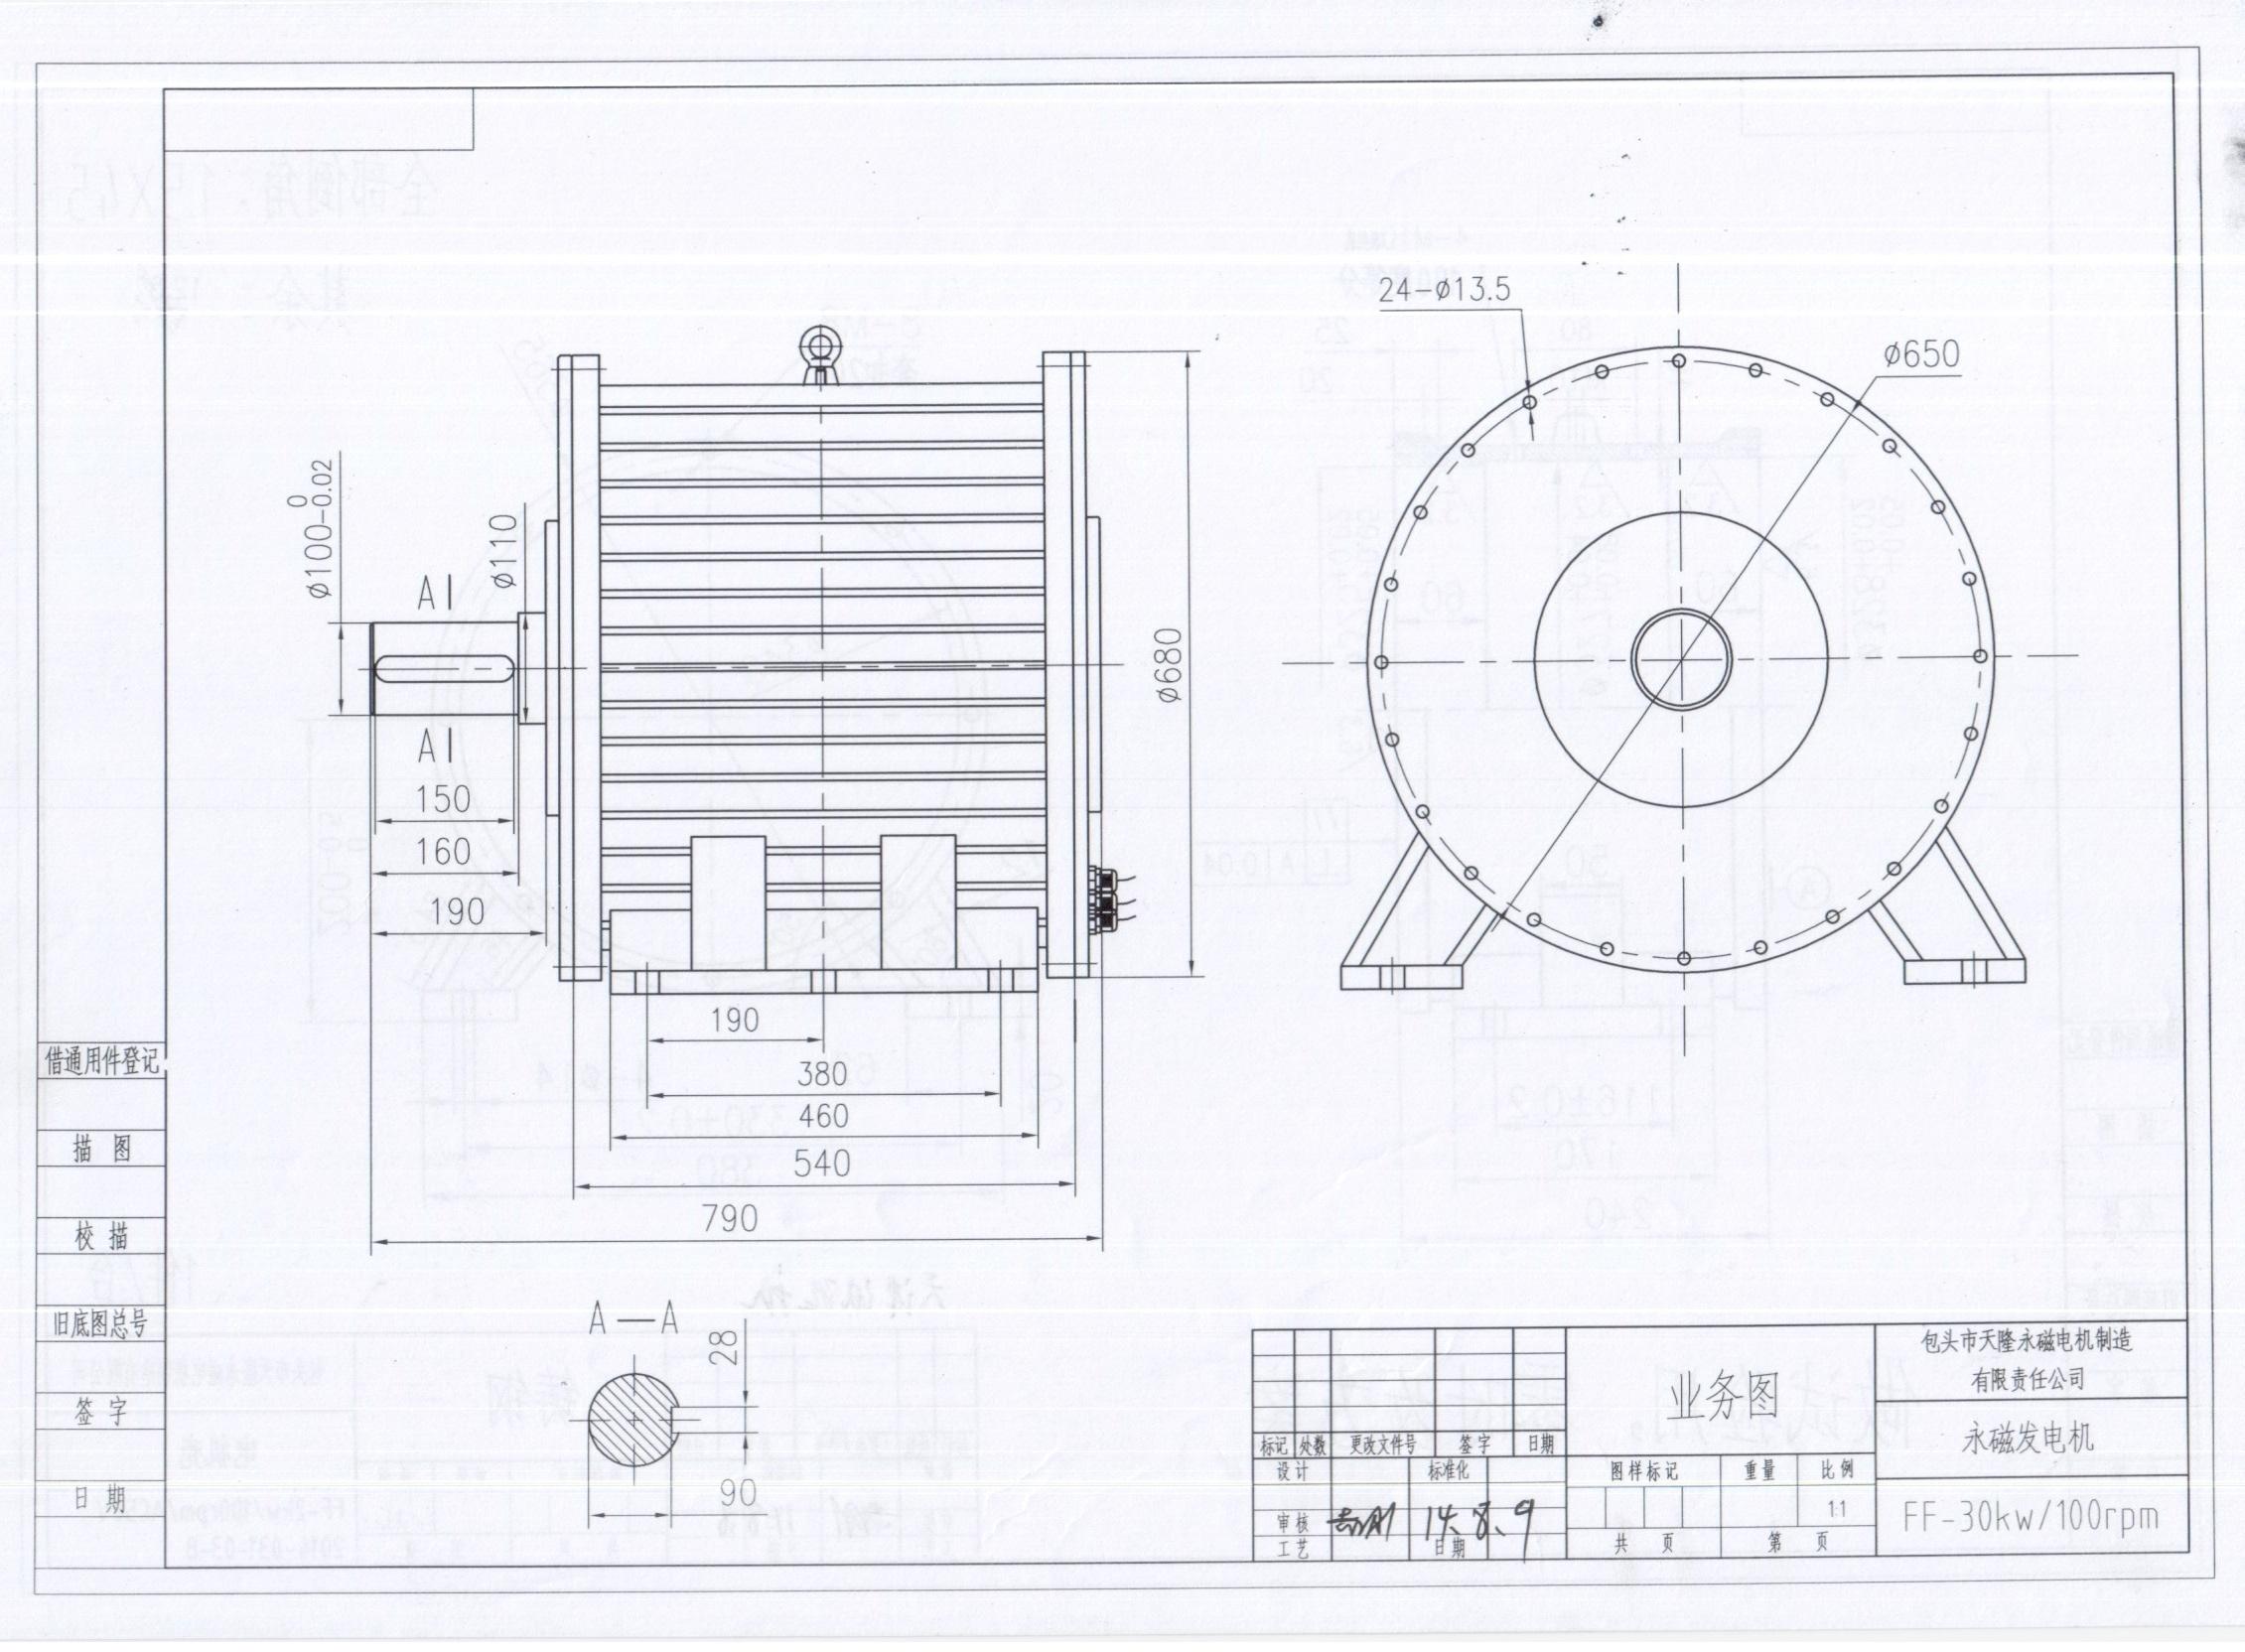 FF- 30KW100r.jpg